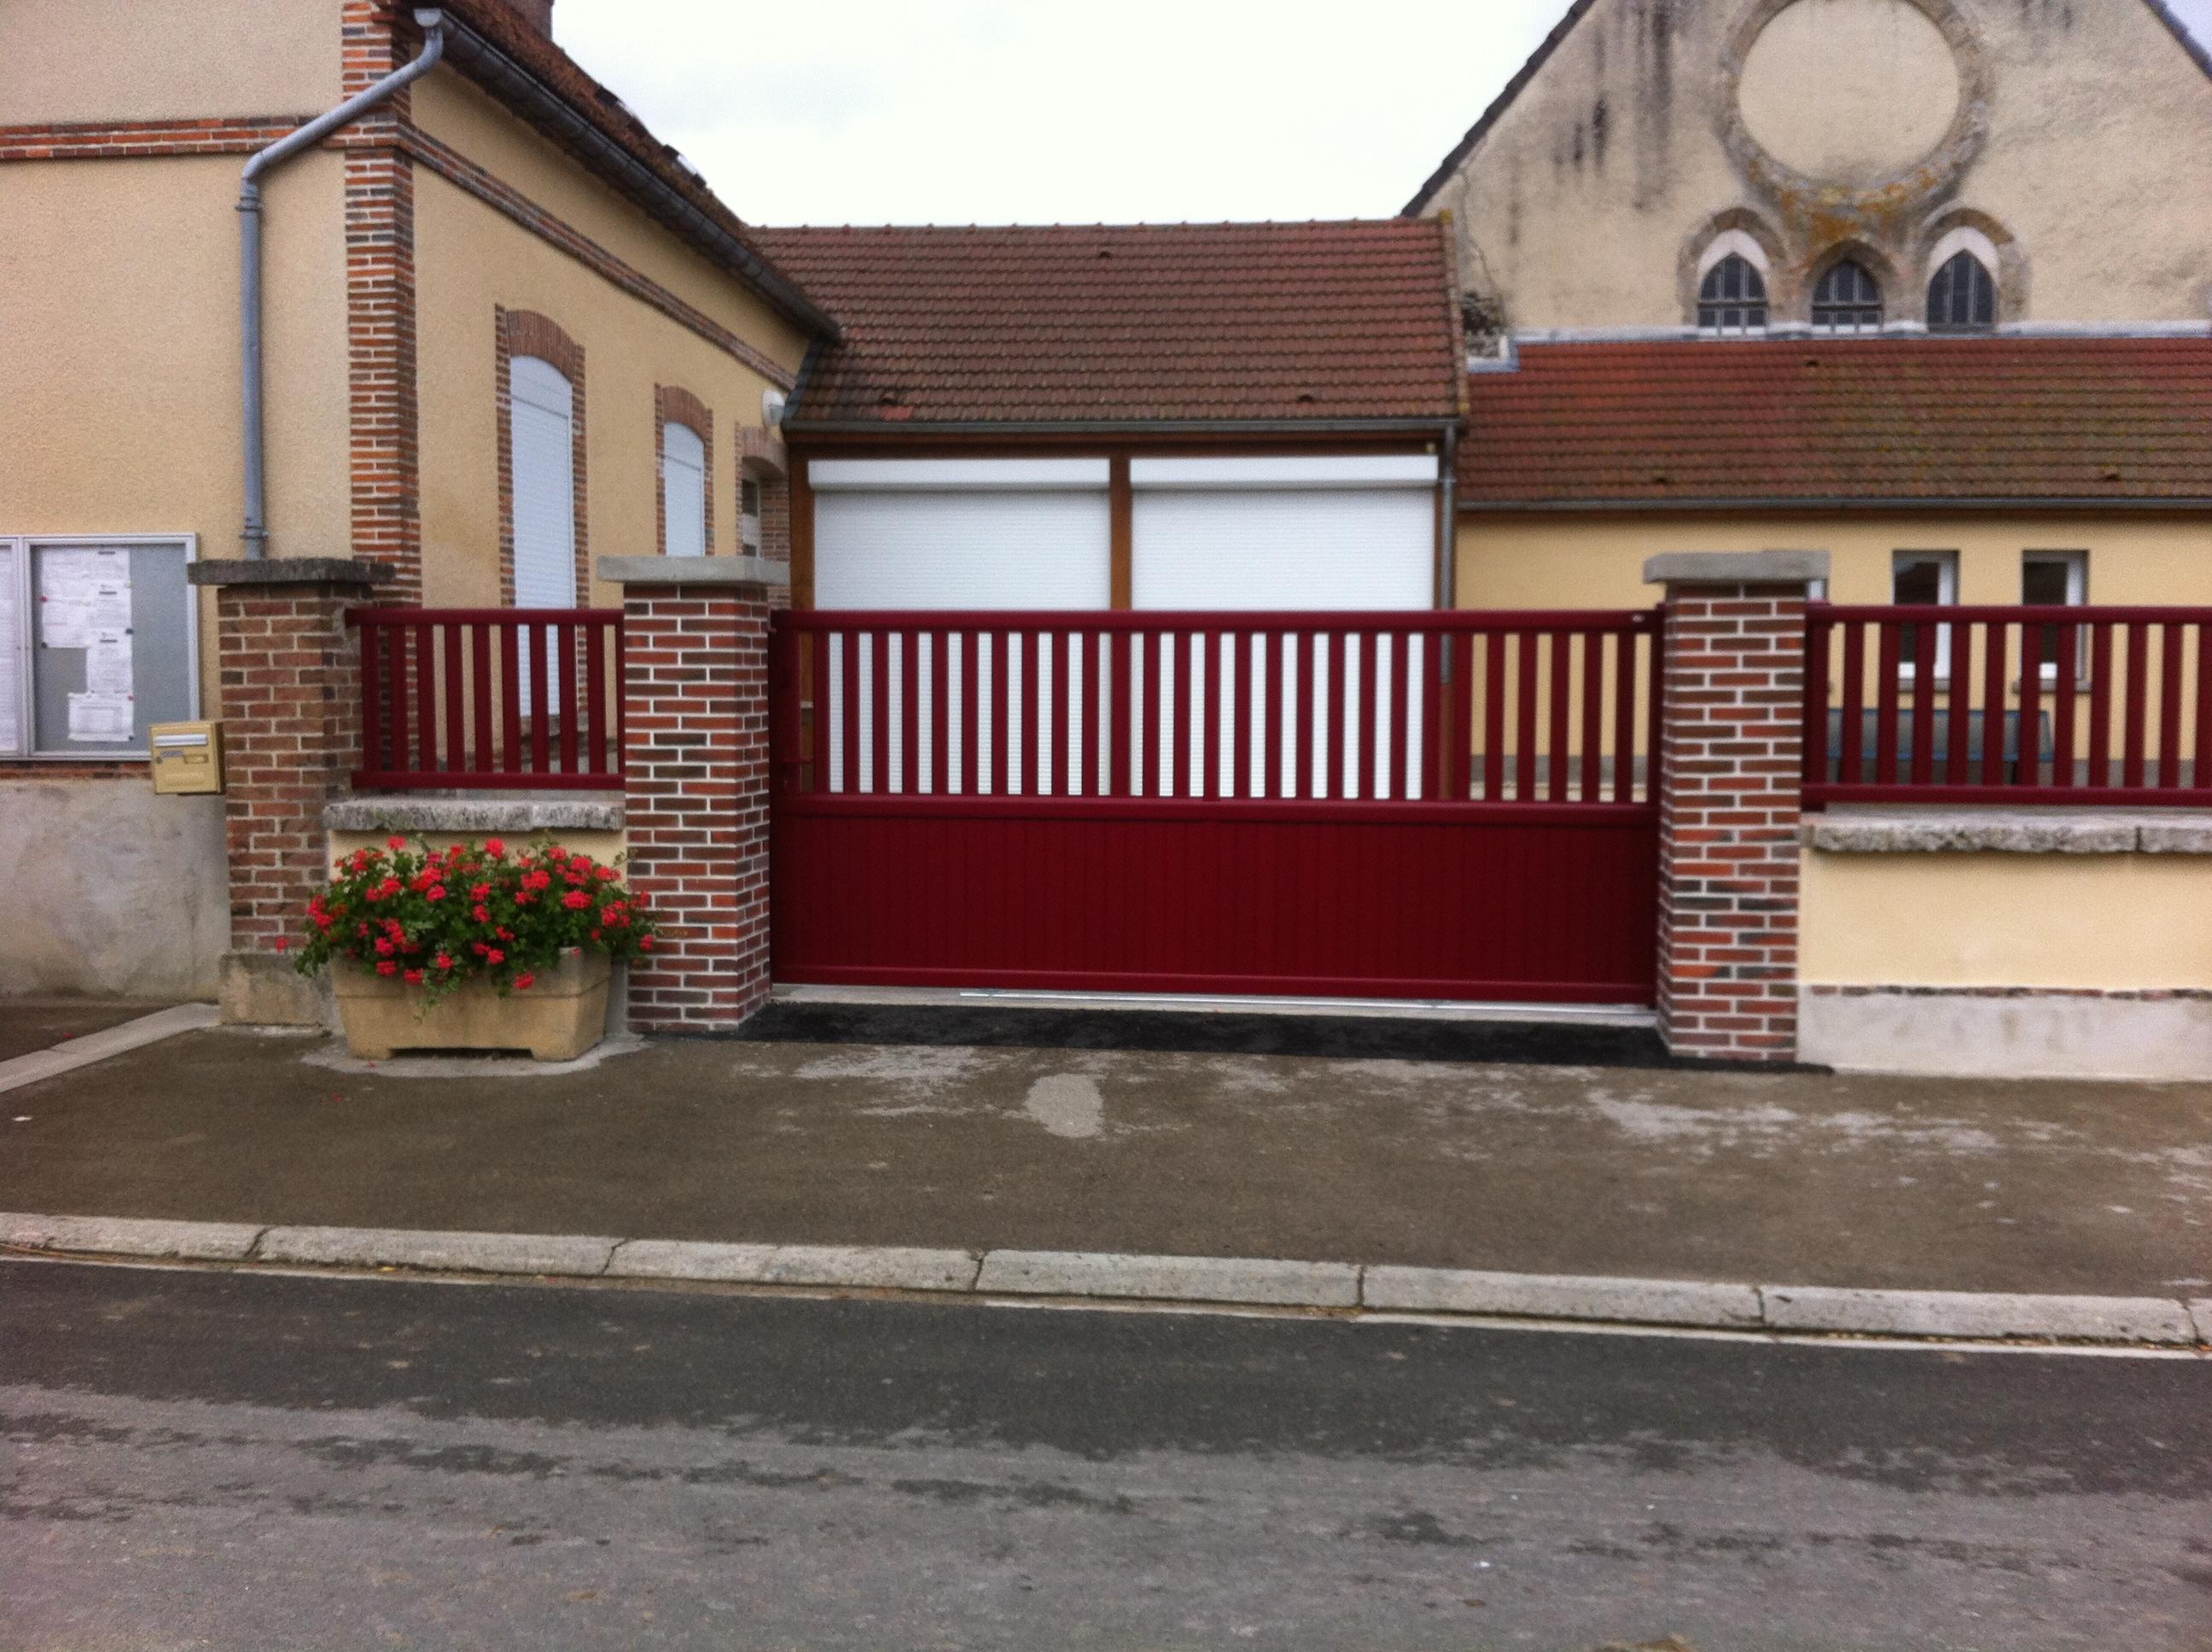 Portail, automatisation de portail, menuiserie Frérot à Sézanne dans la Marne, 51